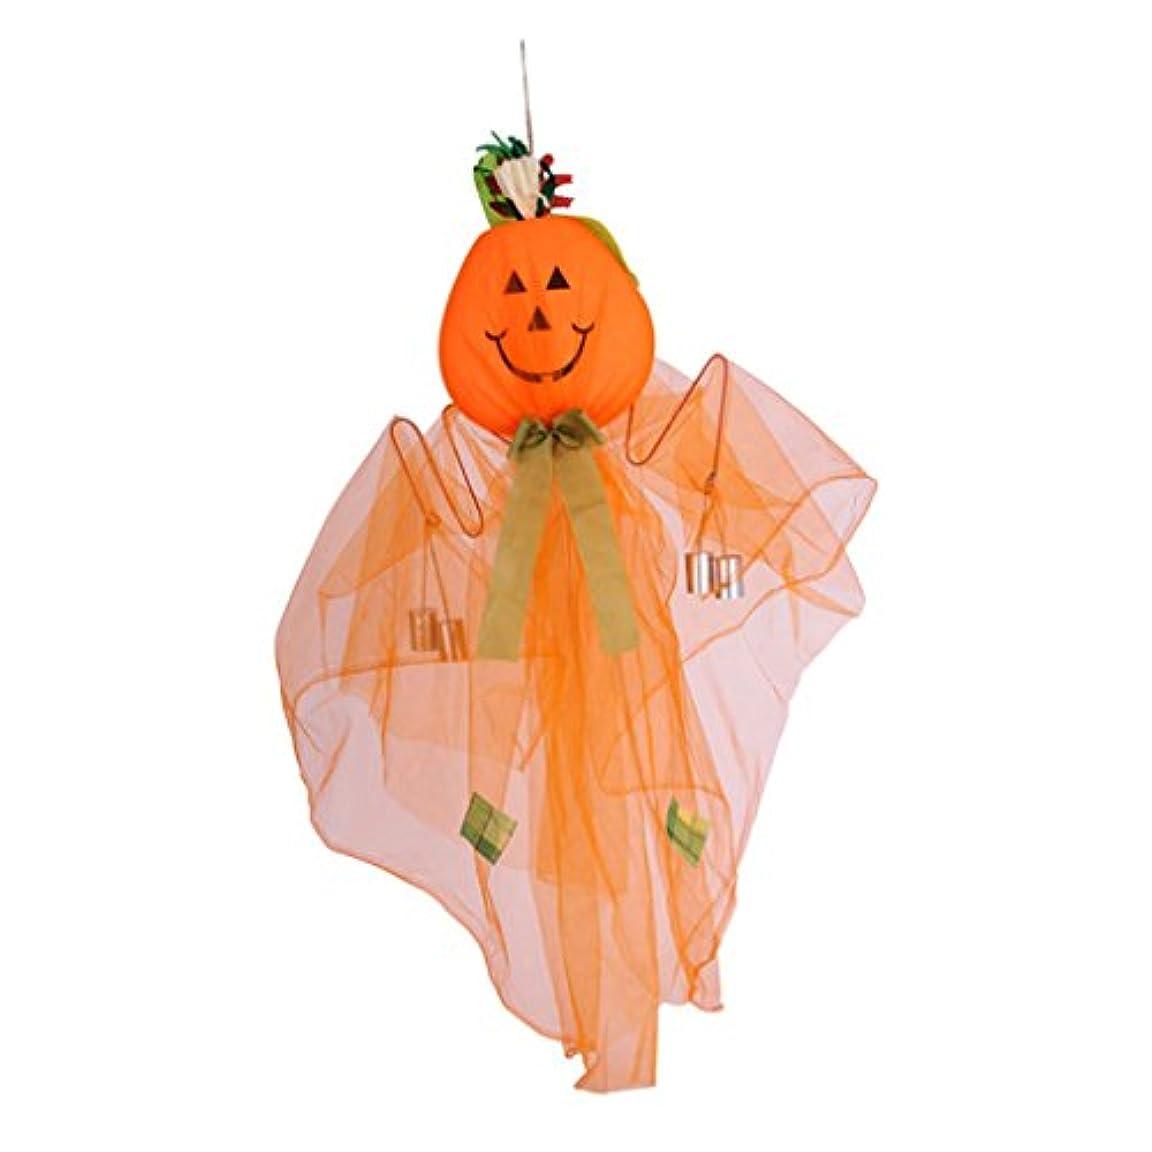 お祝い会員効能ハロウィーンの装飾カボチャの風鈴の装飾の小道具装飾的なハロウィーン用品 (Color : WHITE)